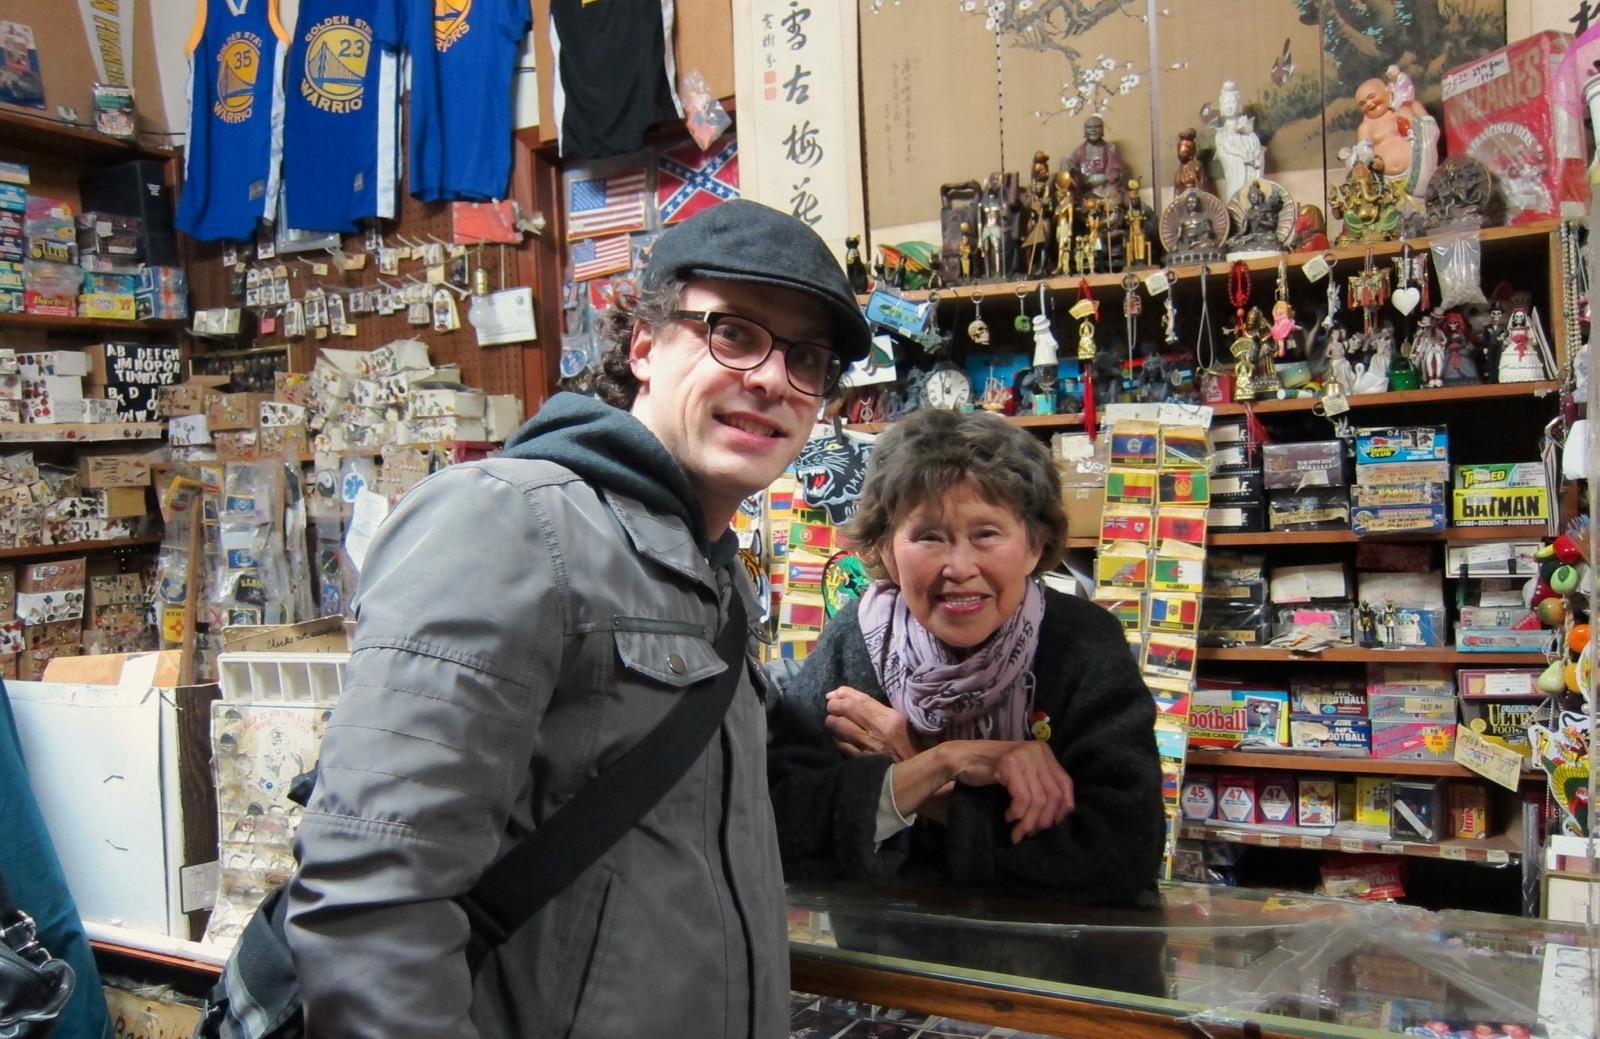 Me and Susan